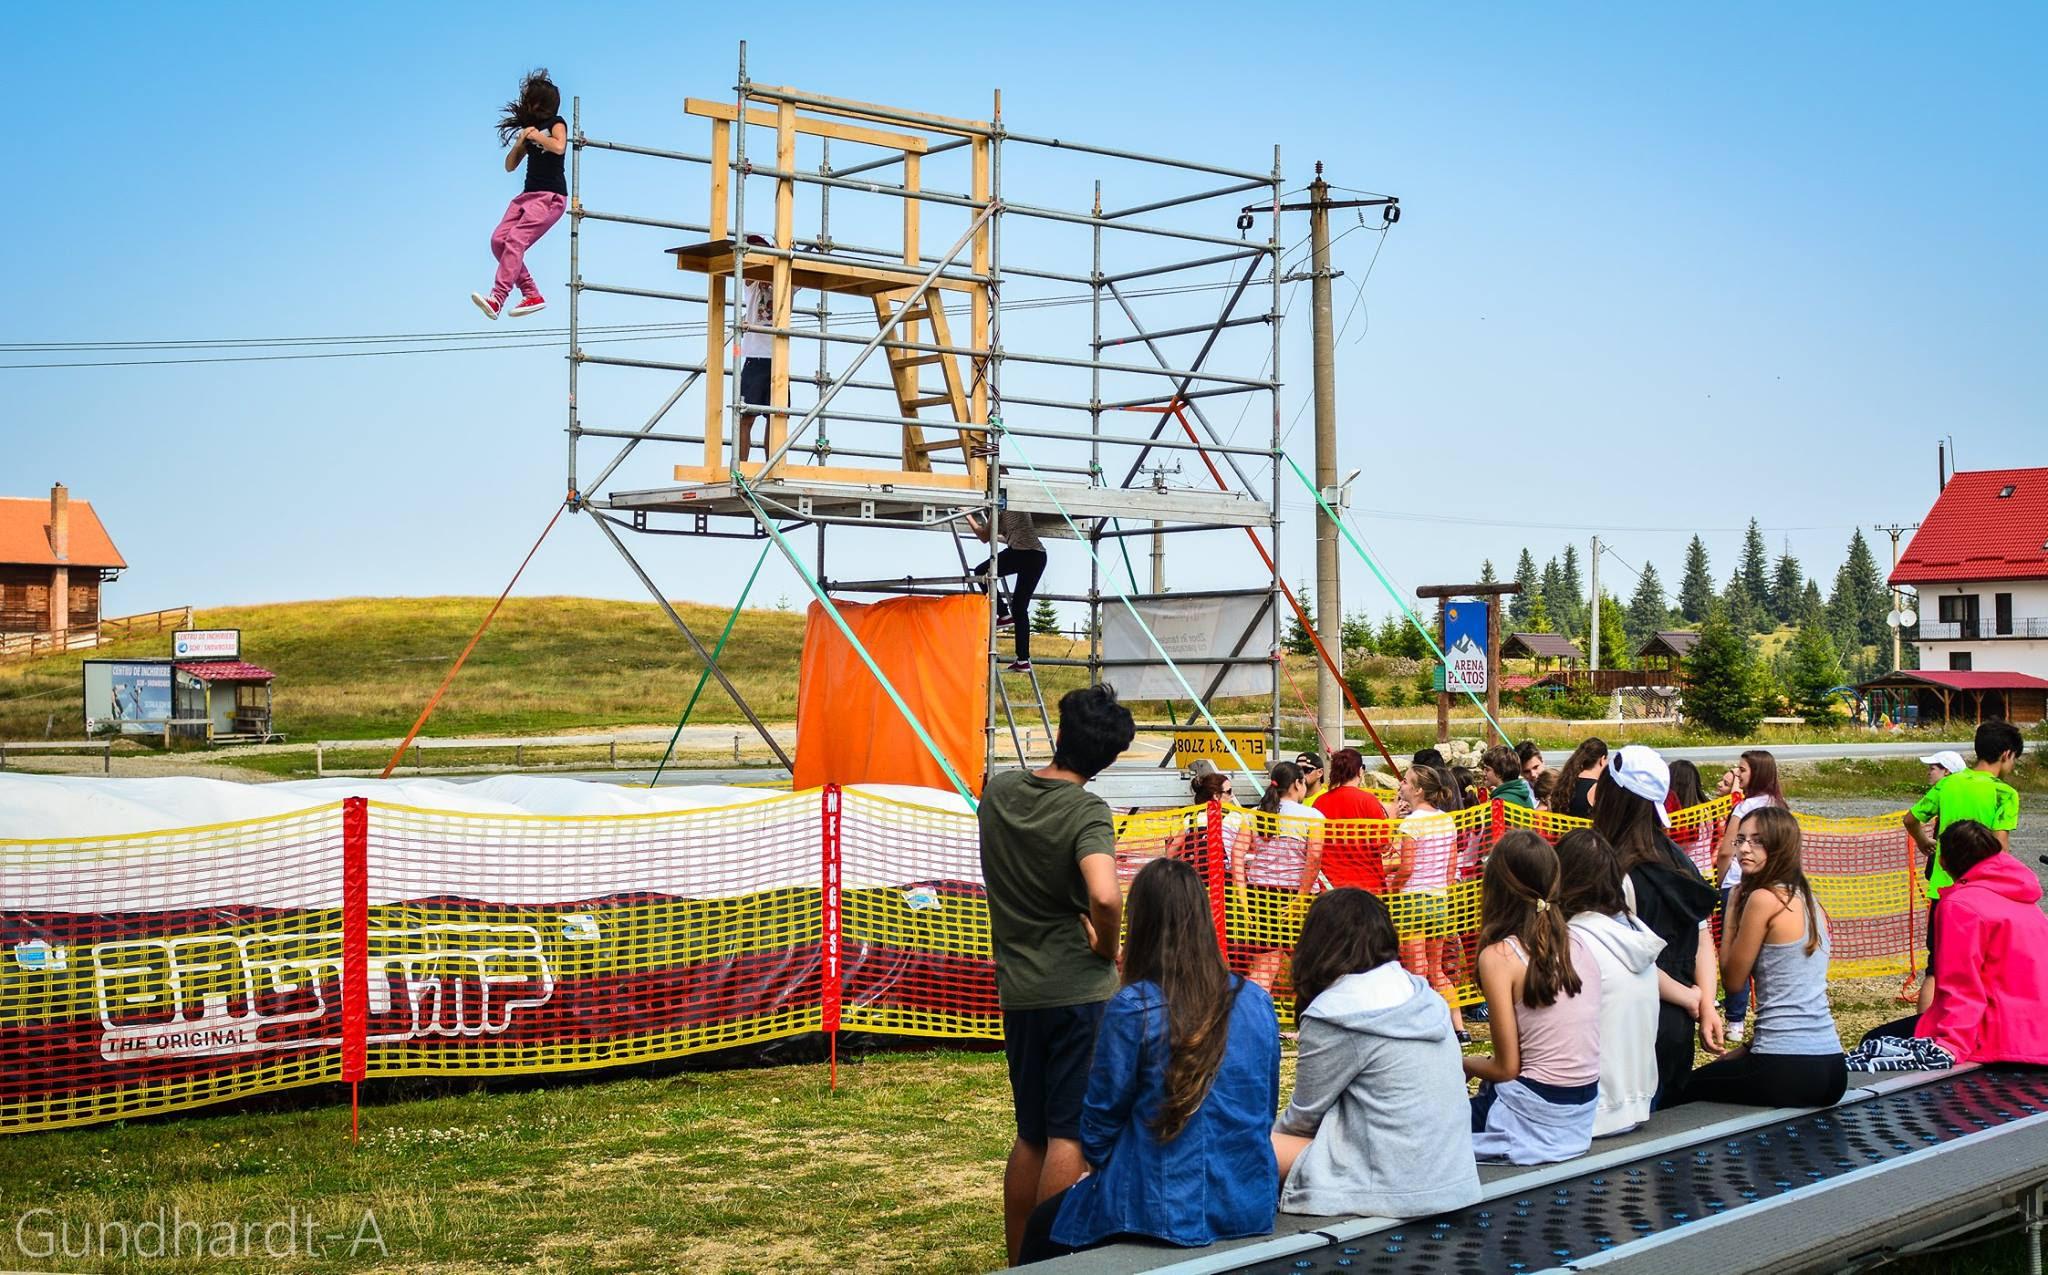 Arena Platoș se redeschide în weekend. Poteci noi pentru drumeții, mountainbiking și plimbare prin pădure